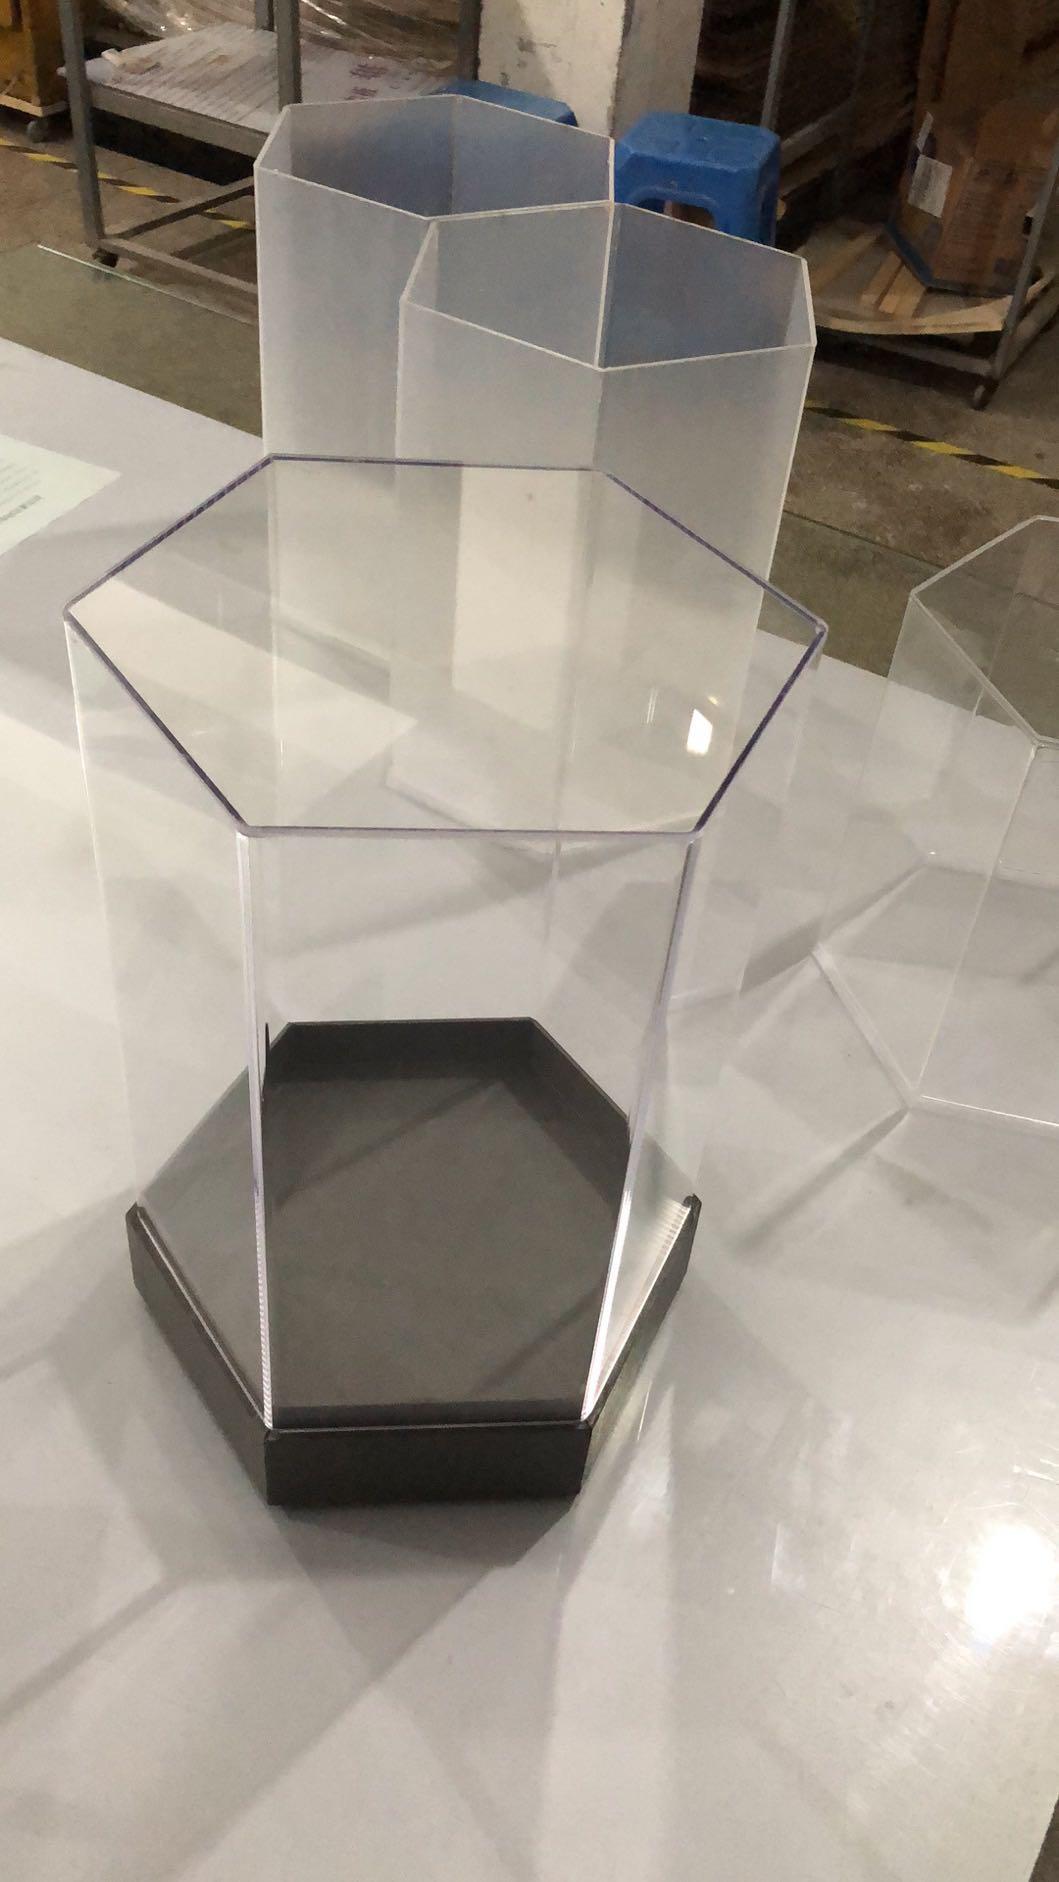 杰峰六边形定制礼品盒时尚展厅放置